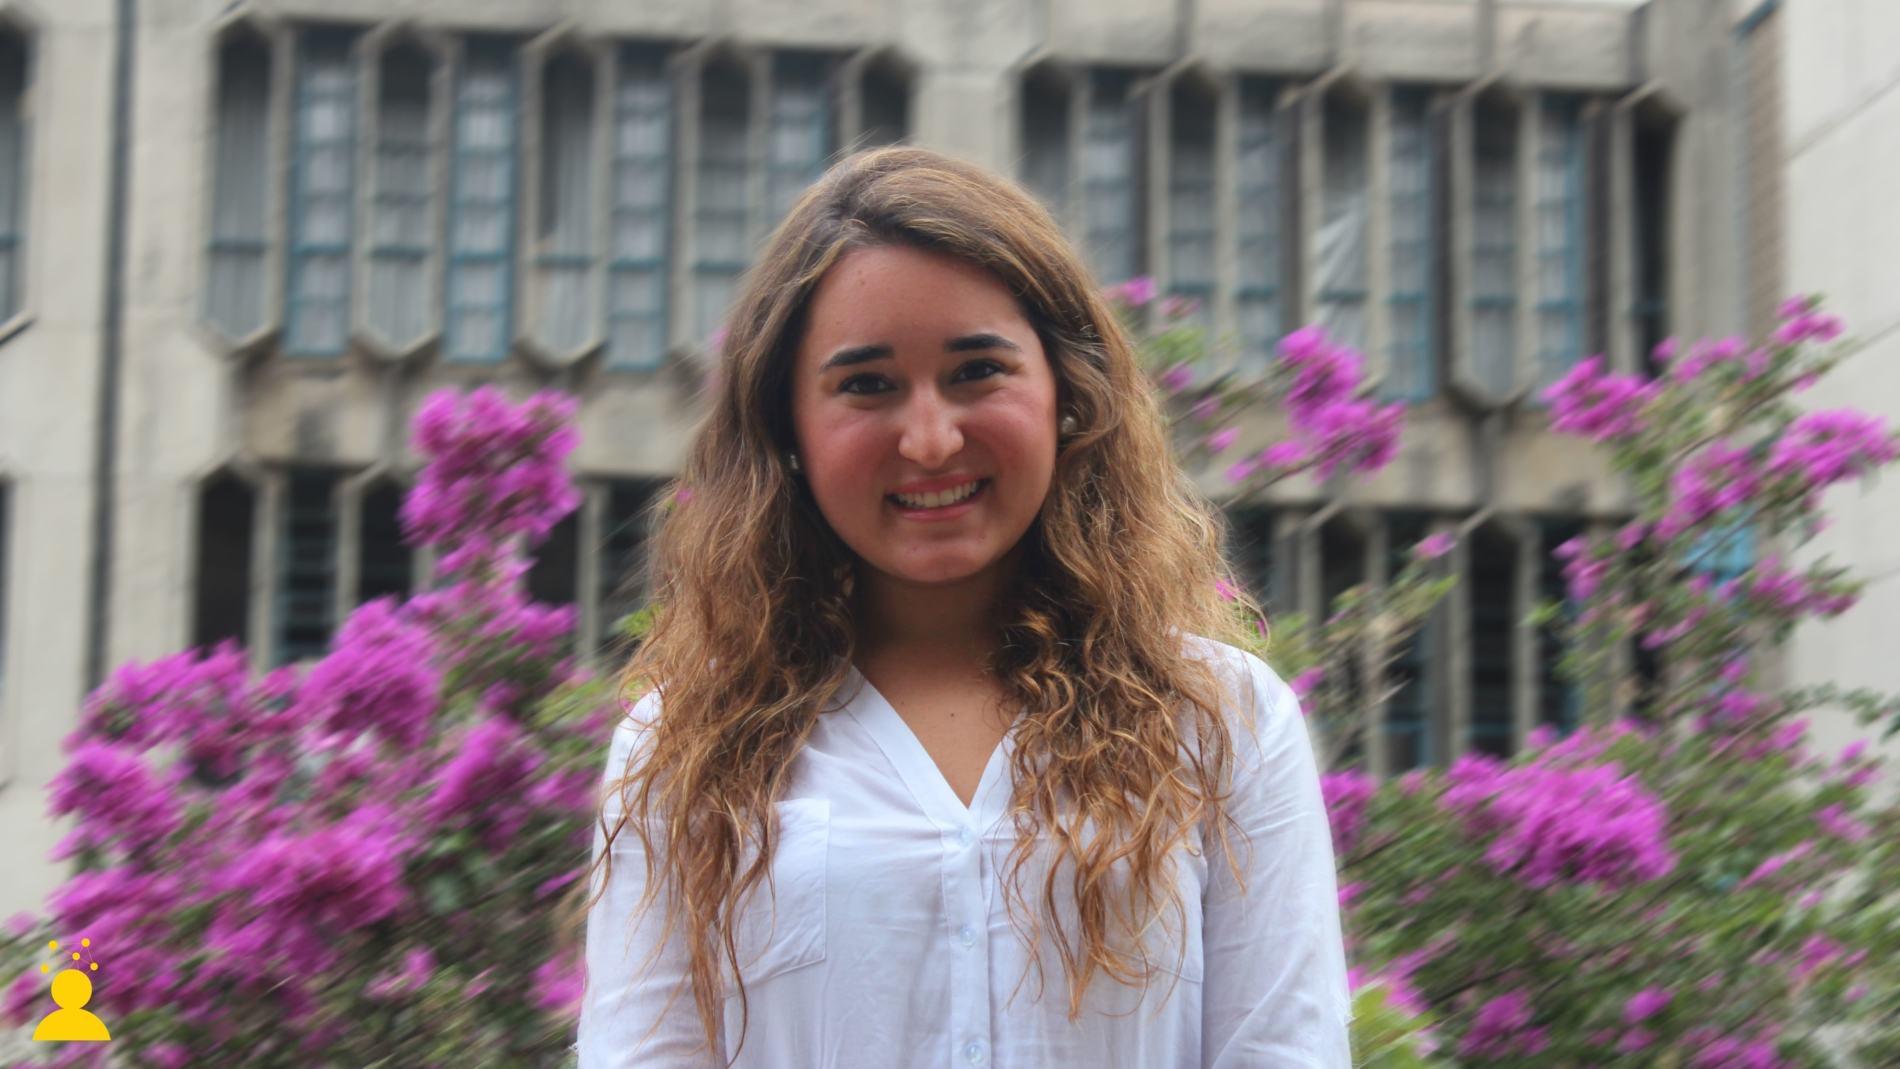 Fabiana Giacobbe